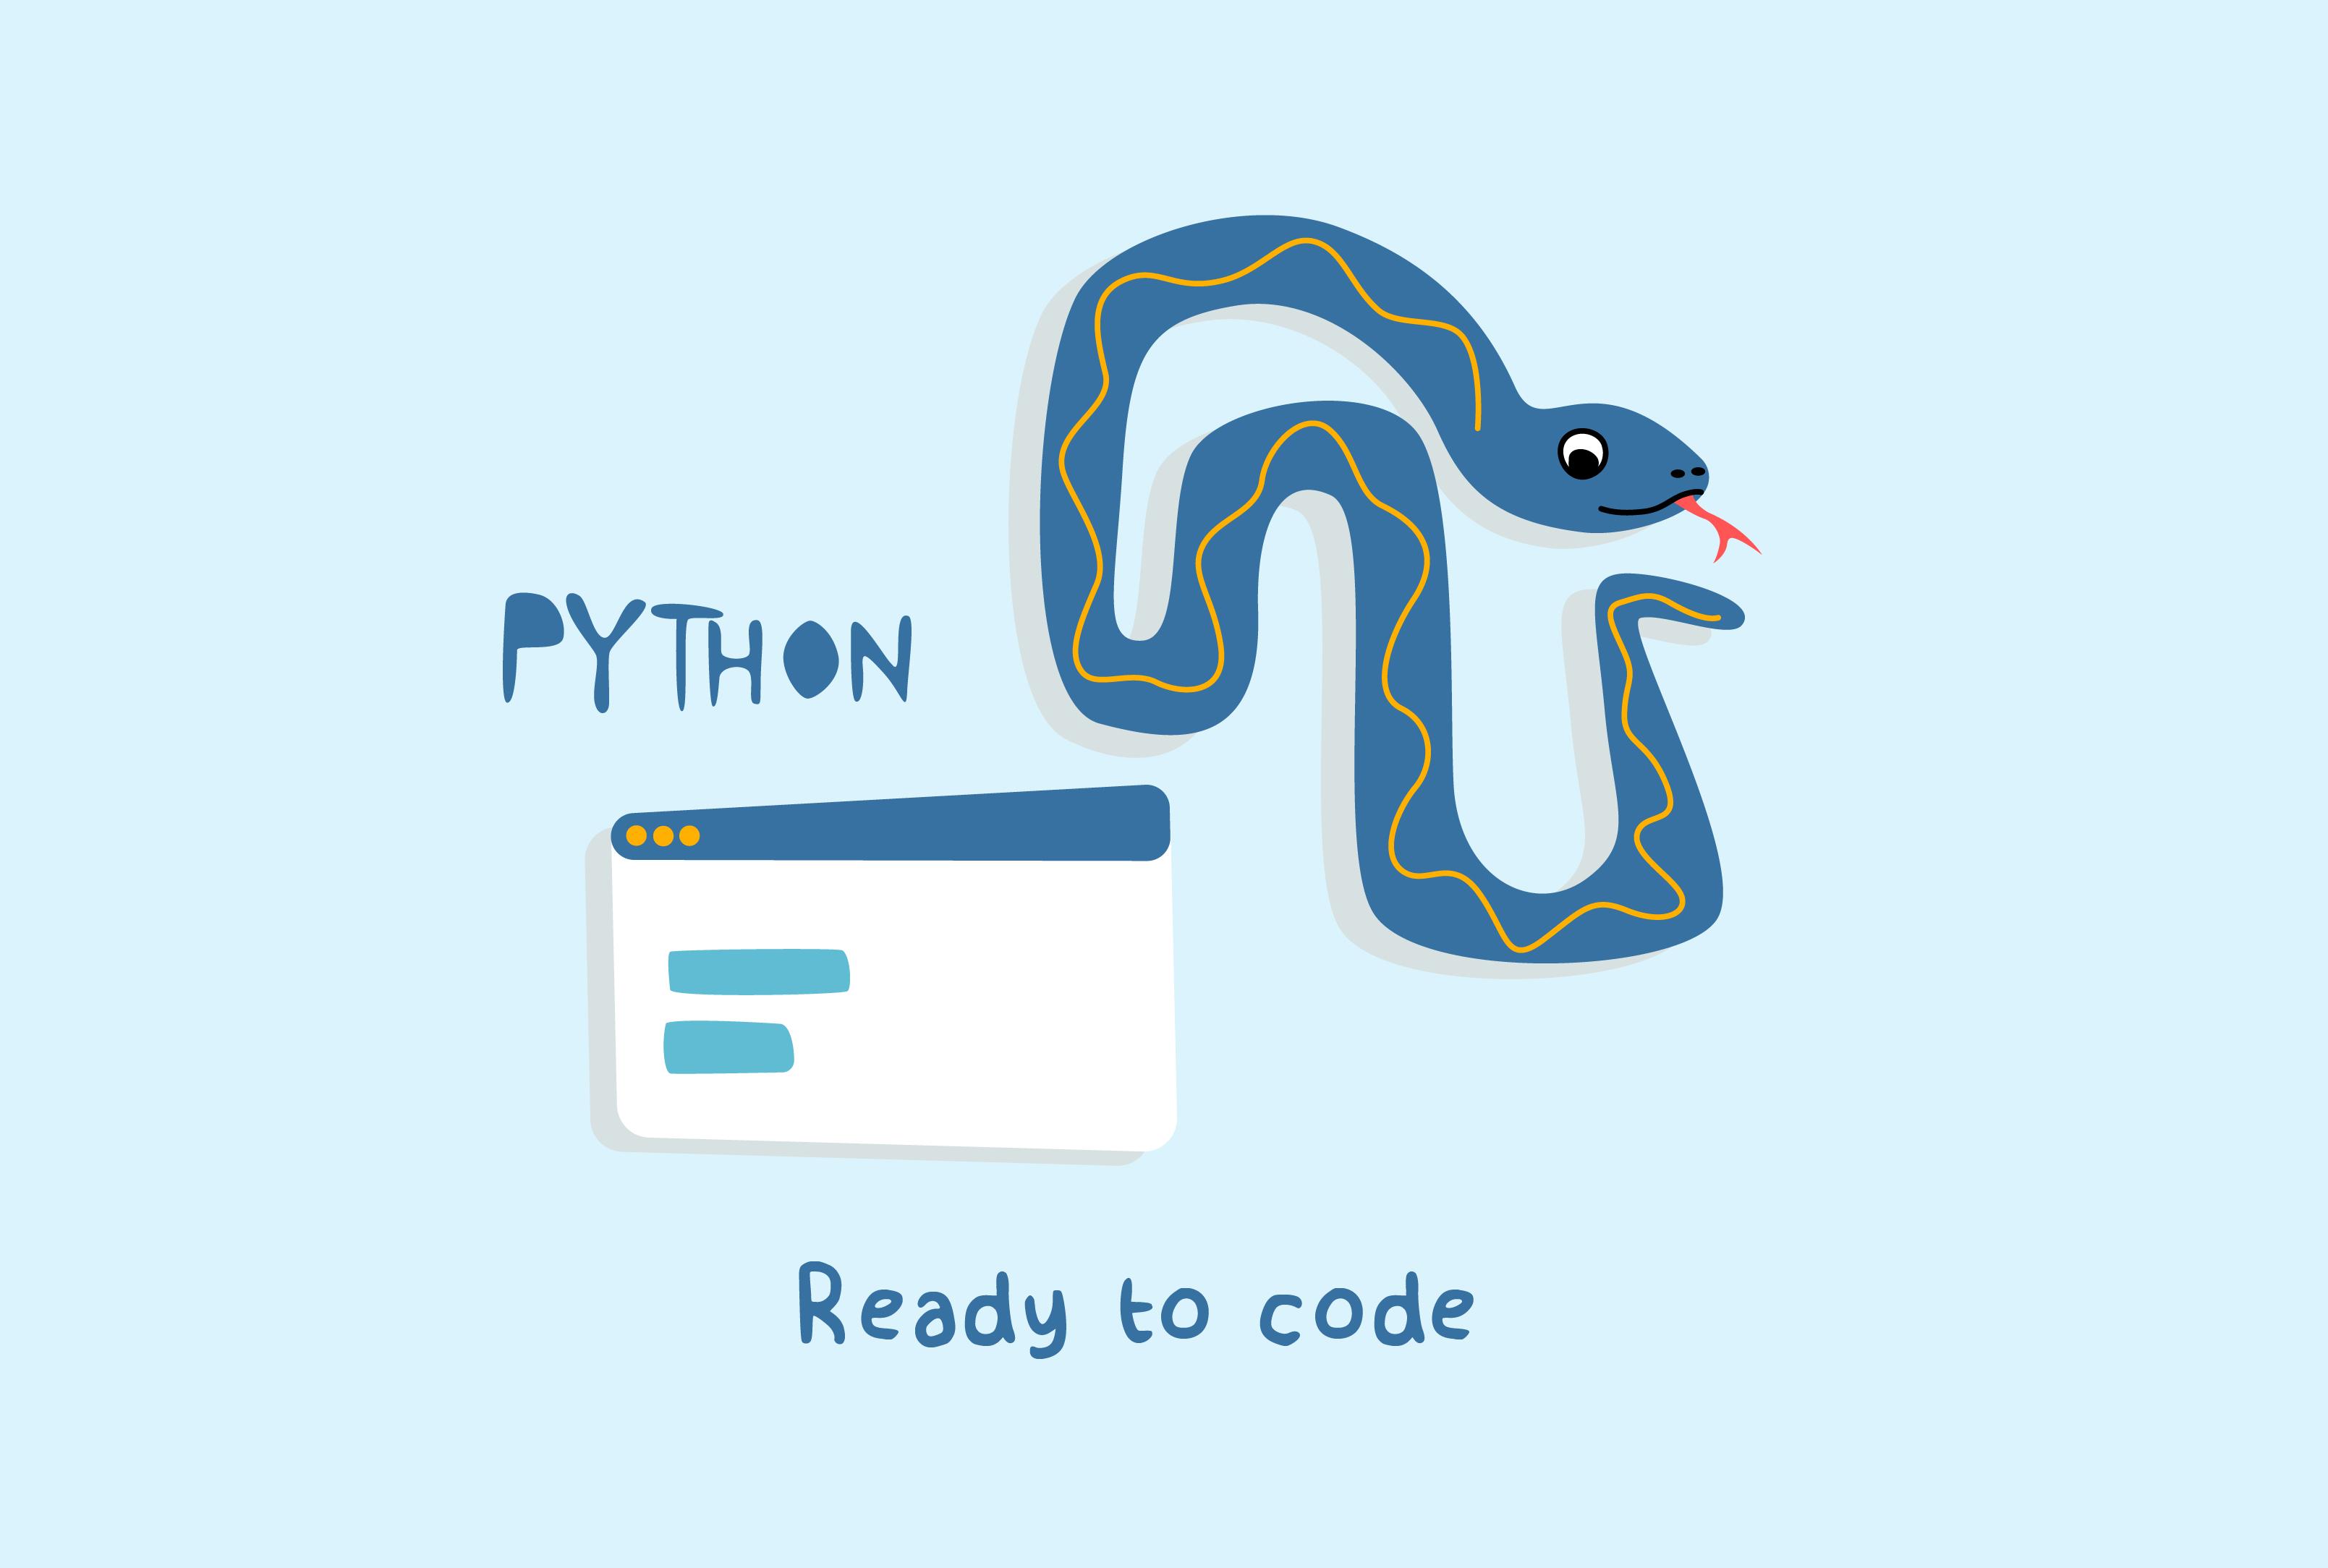 Вакансии Python Developer в iTechArt - На вопросы о Python отвечают программисты iTechArt